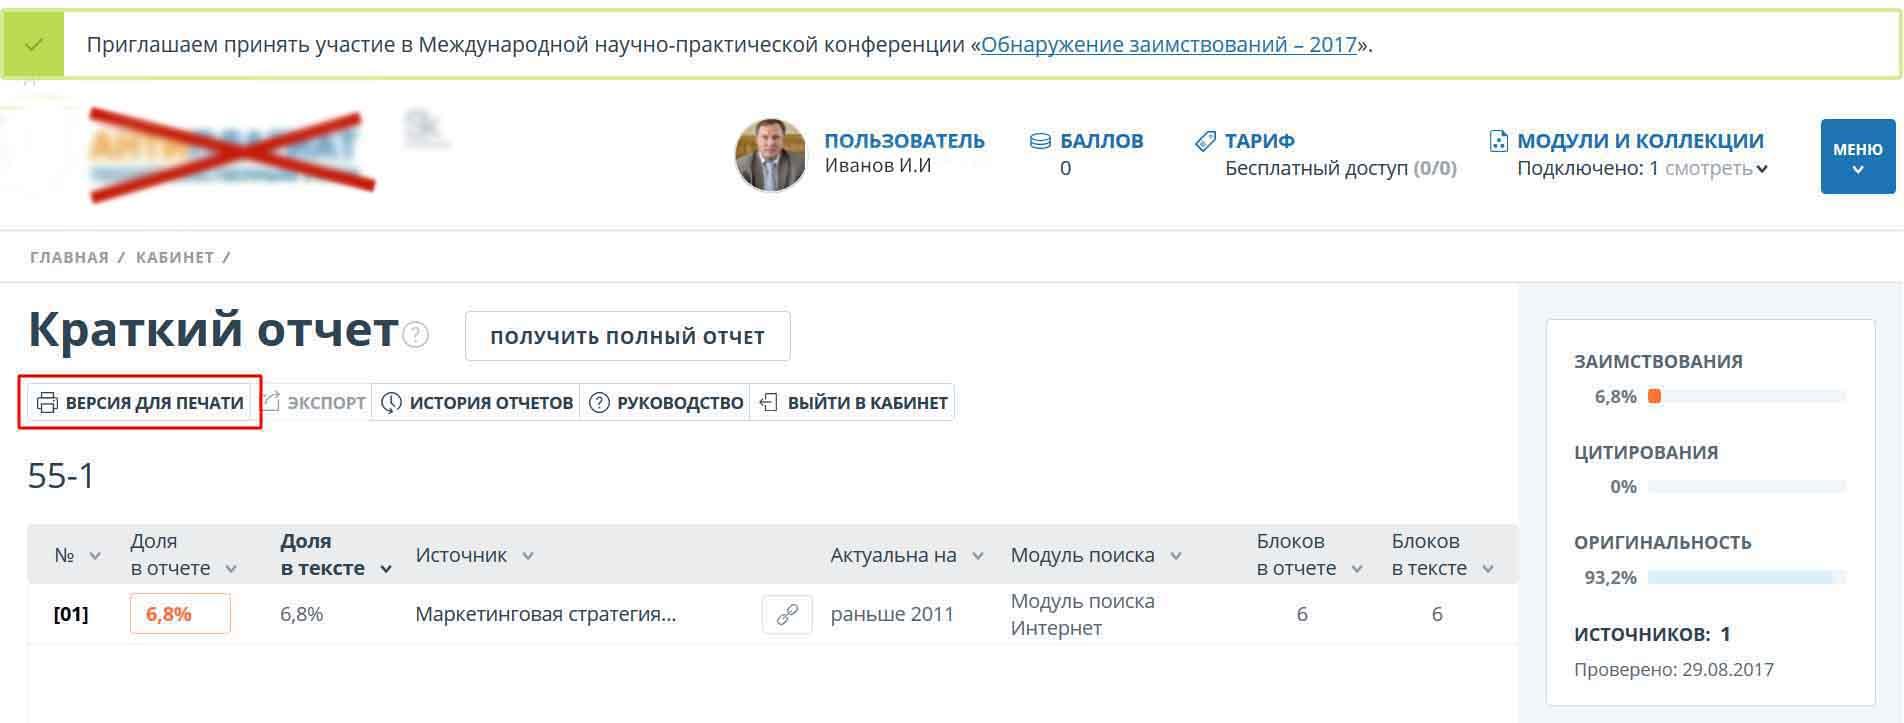 отчет о проверке антиплагиат ру